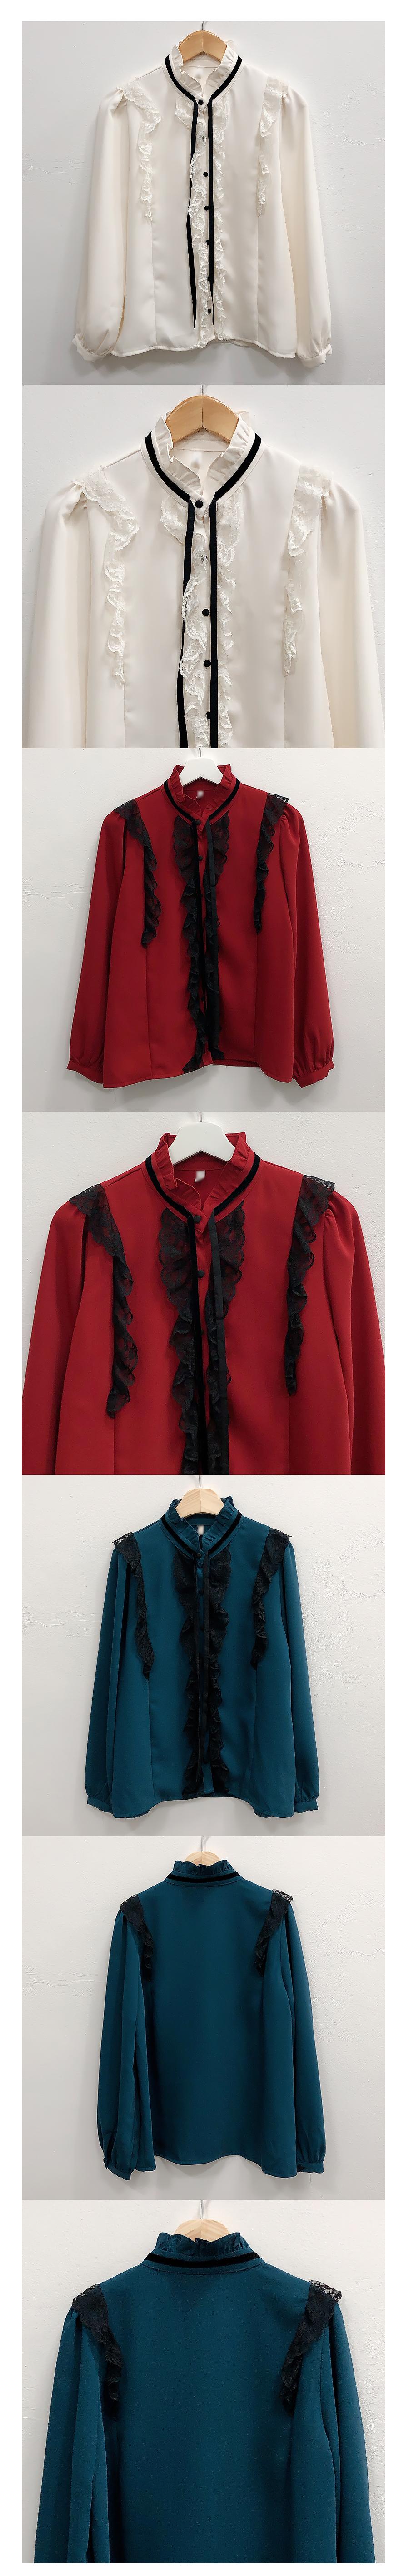 Muse lace velvet strap blouse